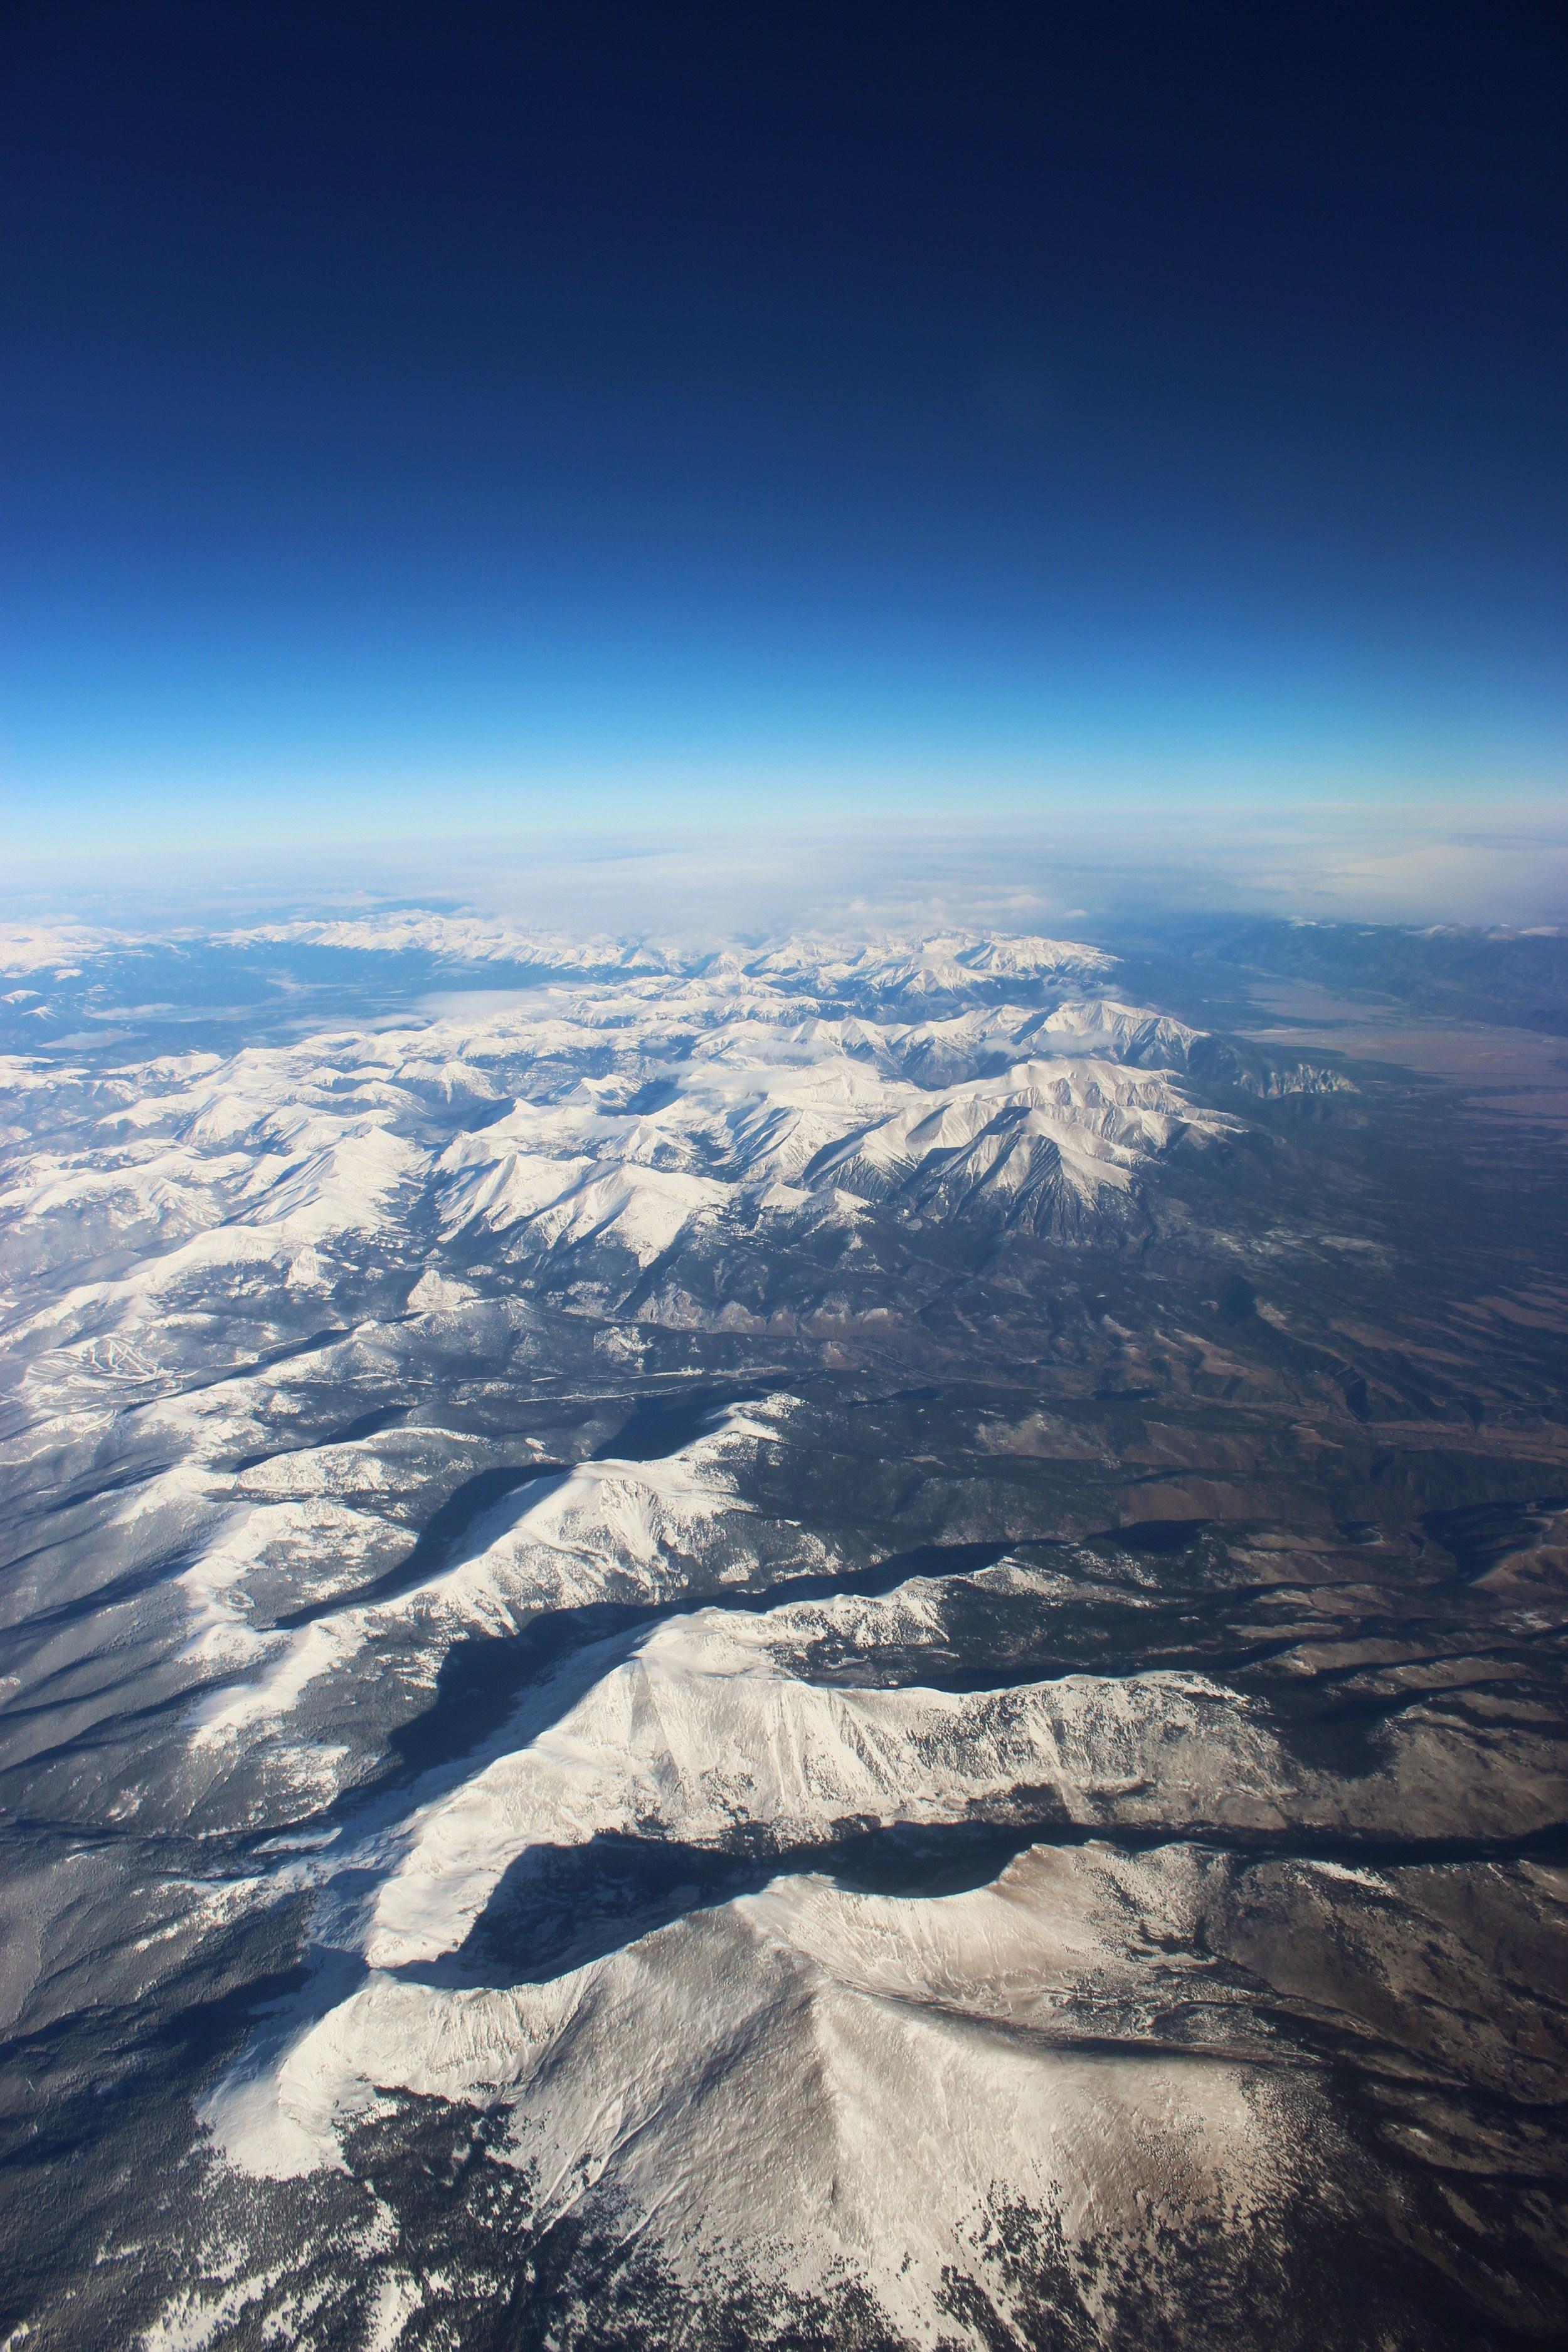 Rockies at 30,000 feet